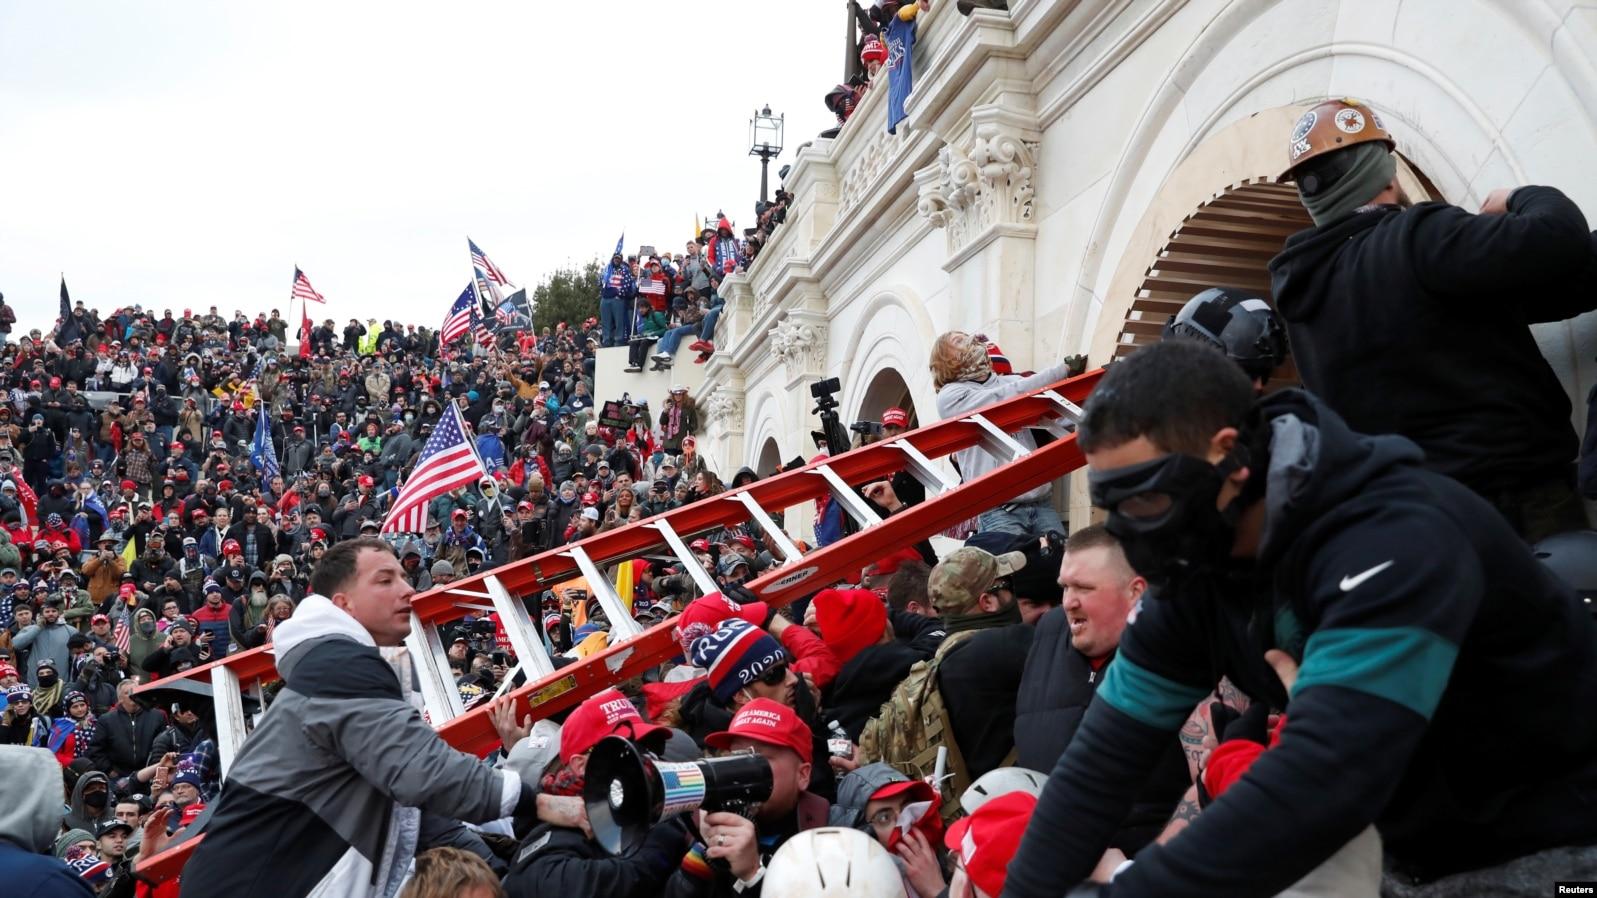 Привържениците на Тръмп се опитват да проникнат в сградата на Конгреса